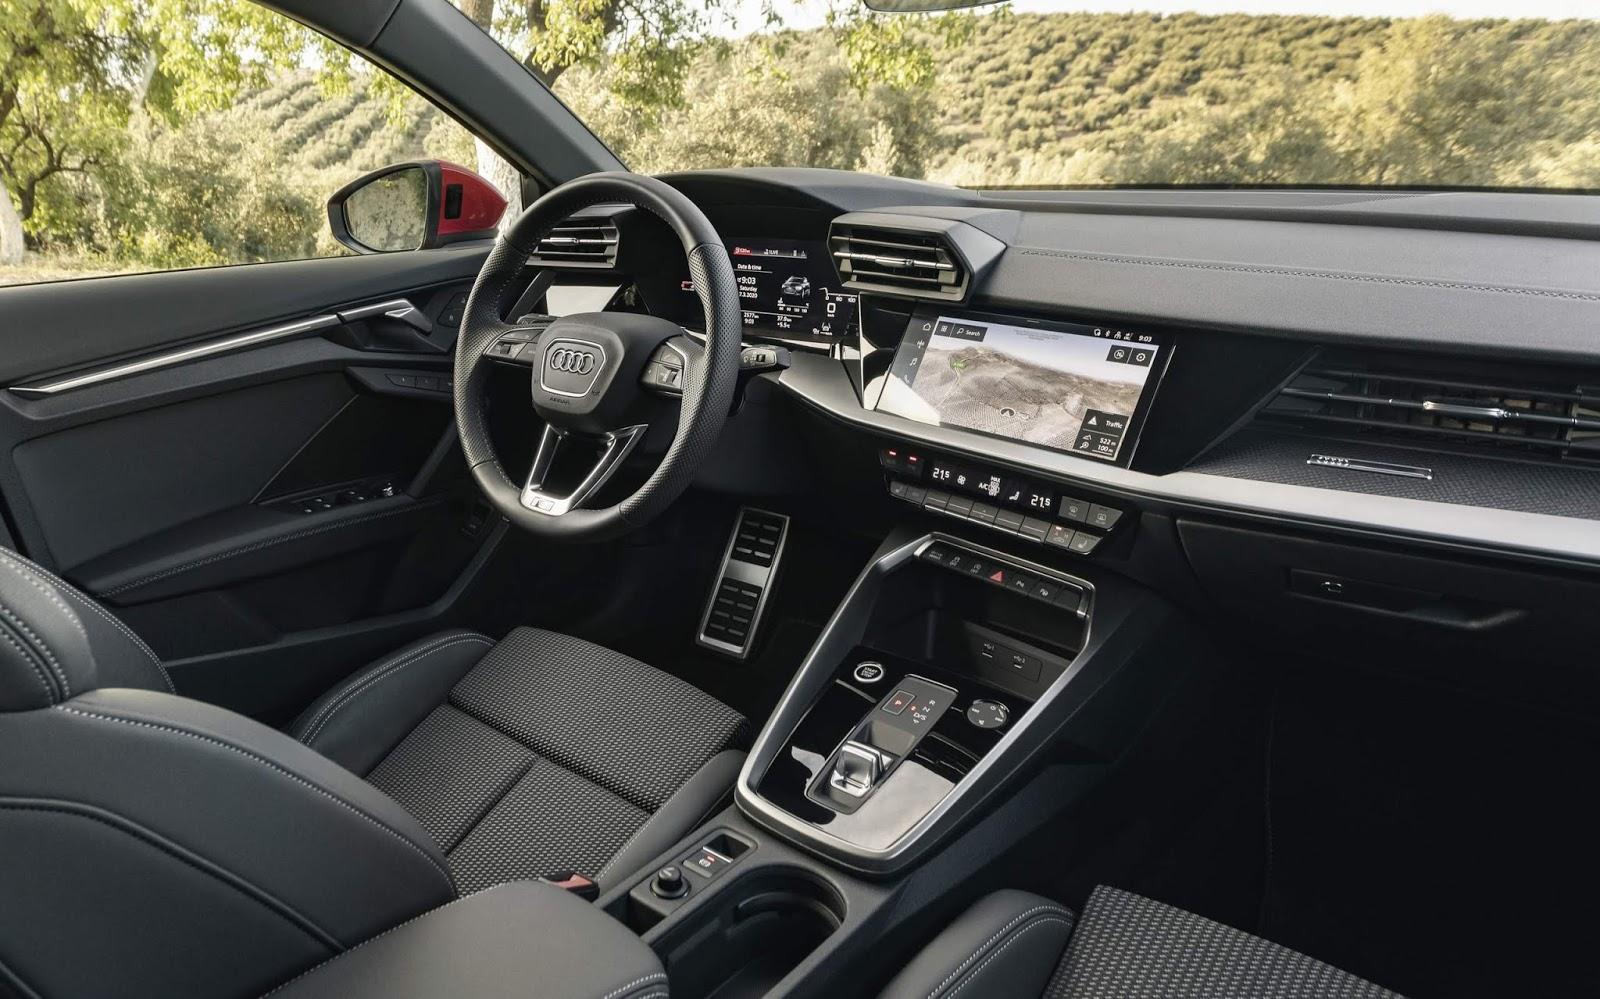 Novo Audi A3 Sportback deve chegar ao Brasil em 2021